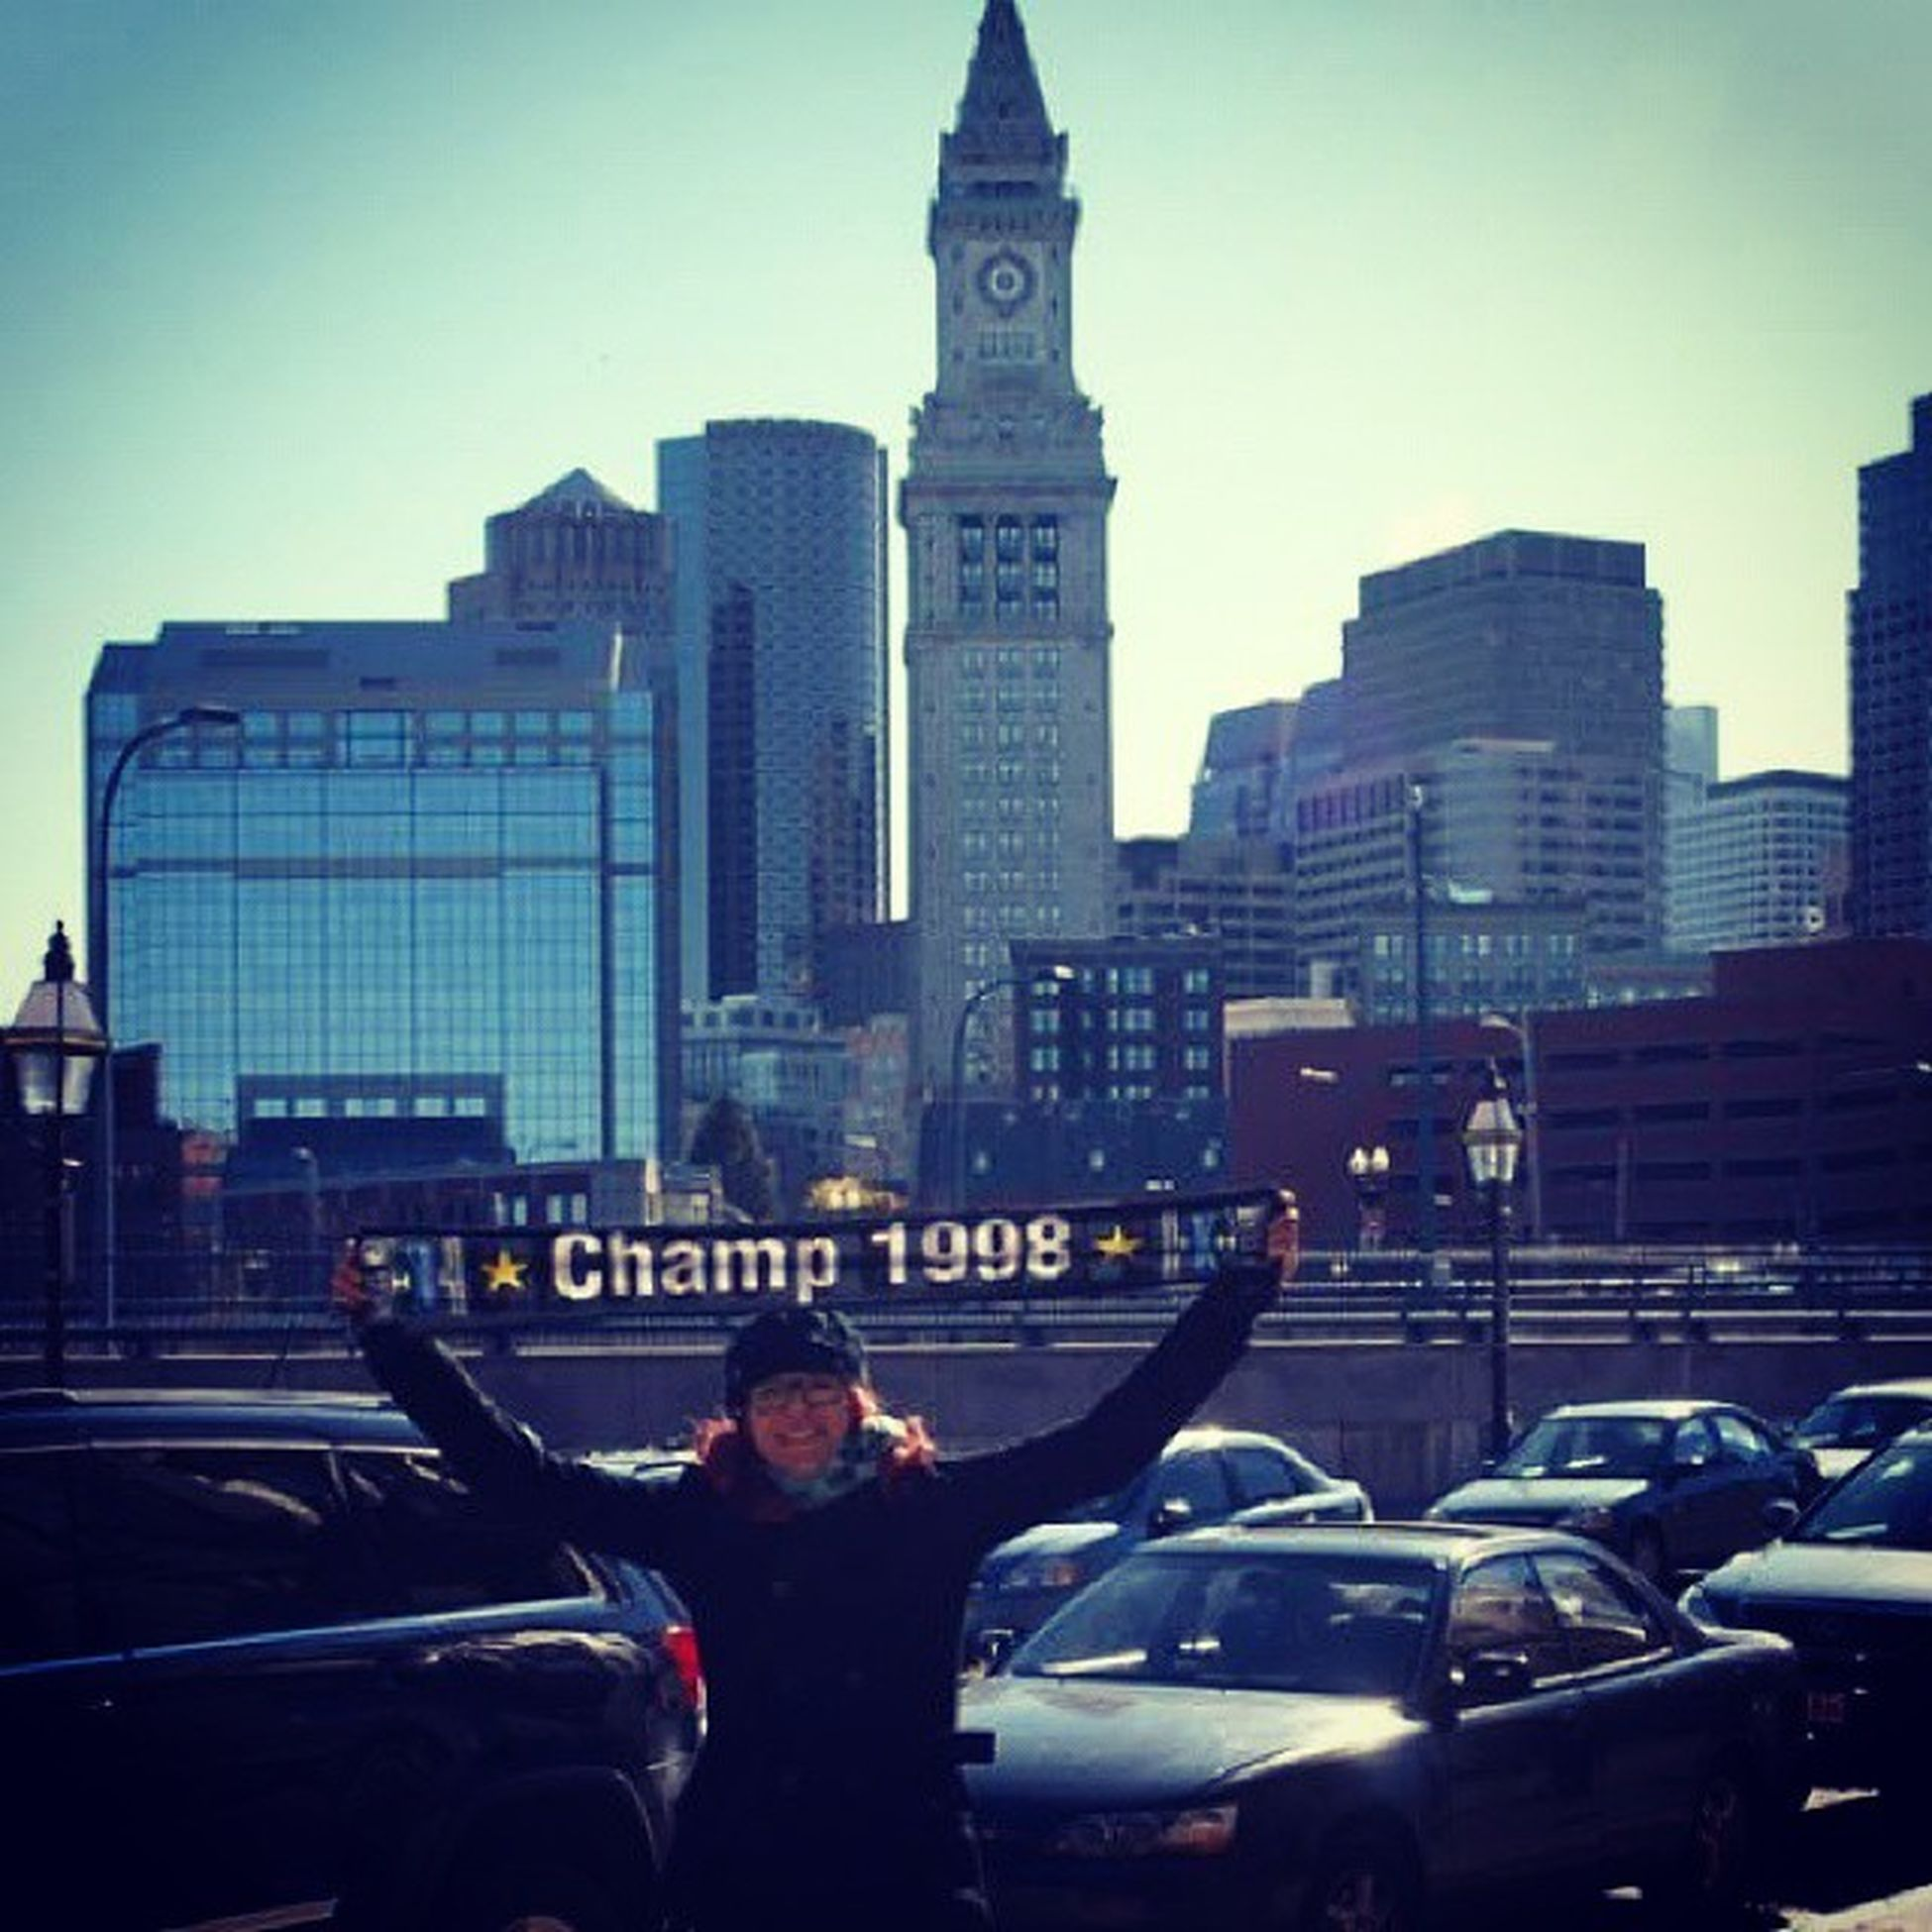 Sksturm Sturmgraz Boston Fussball trevaling